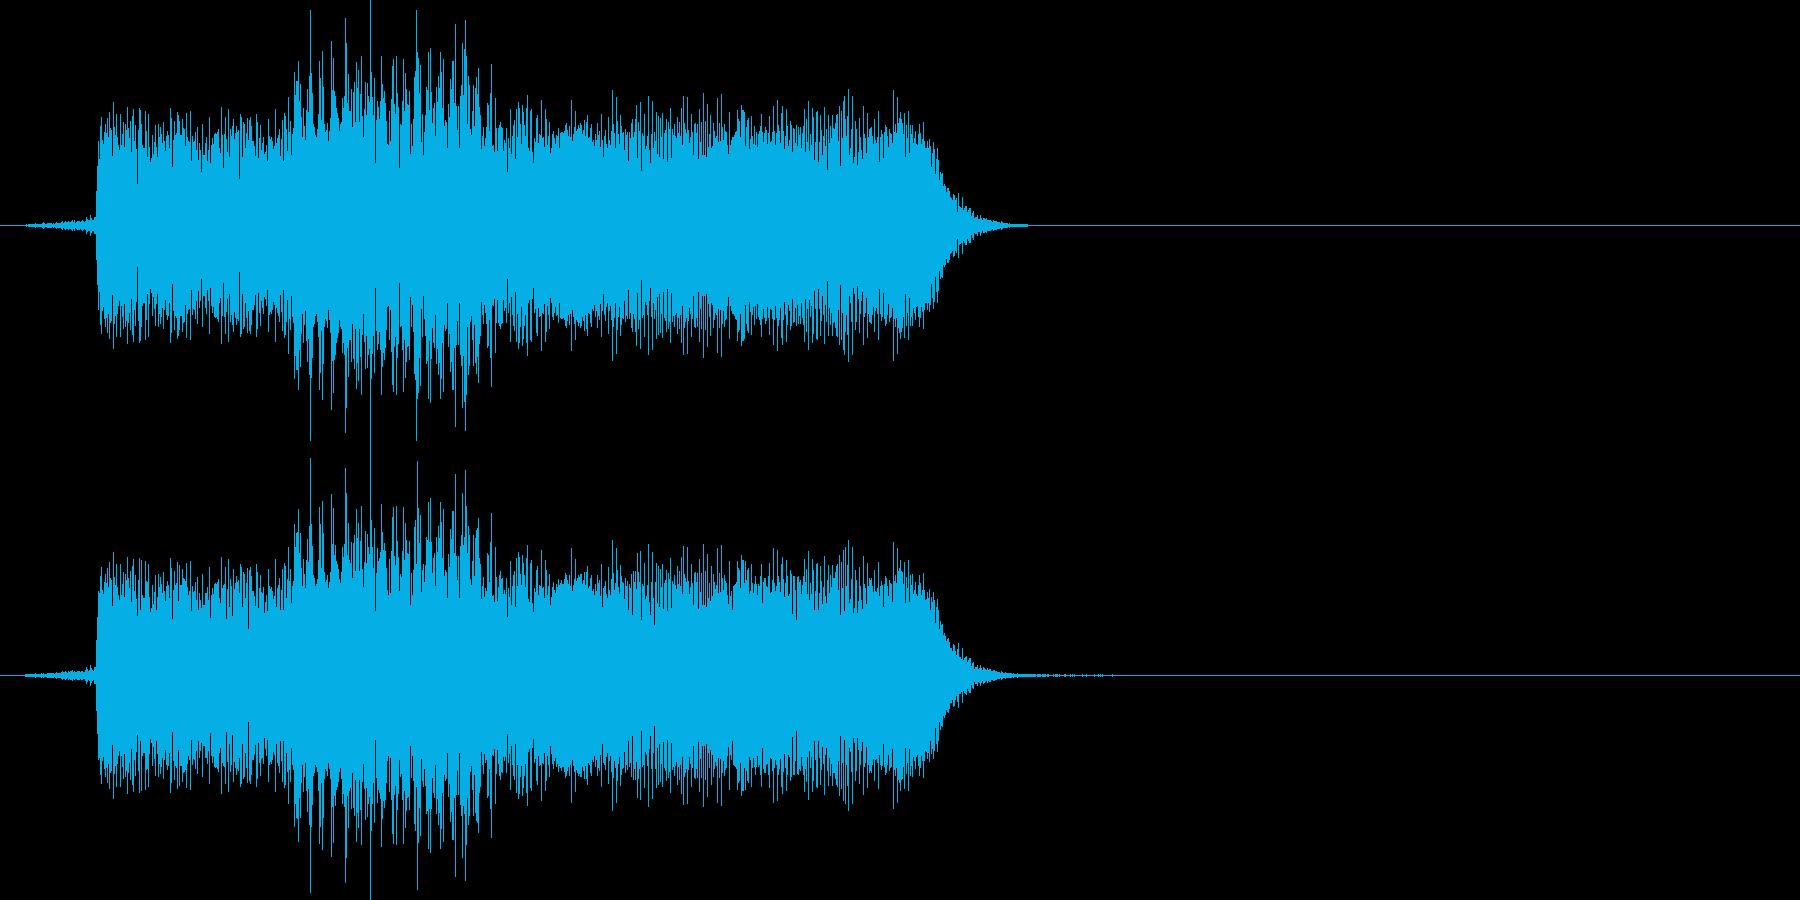 クリック音の再生済みの波形